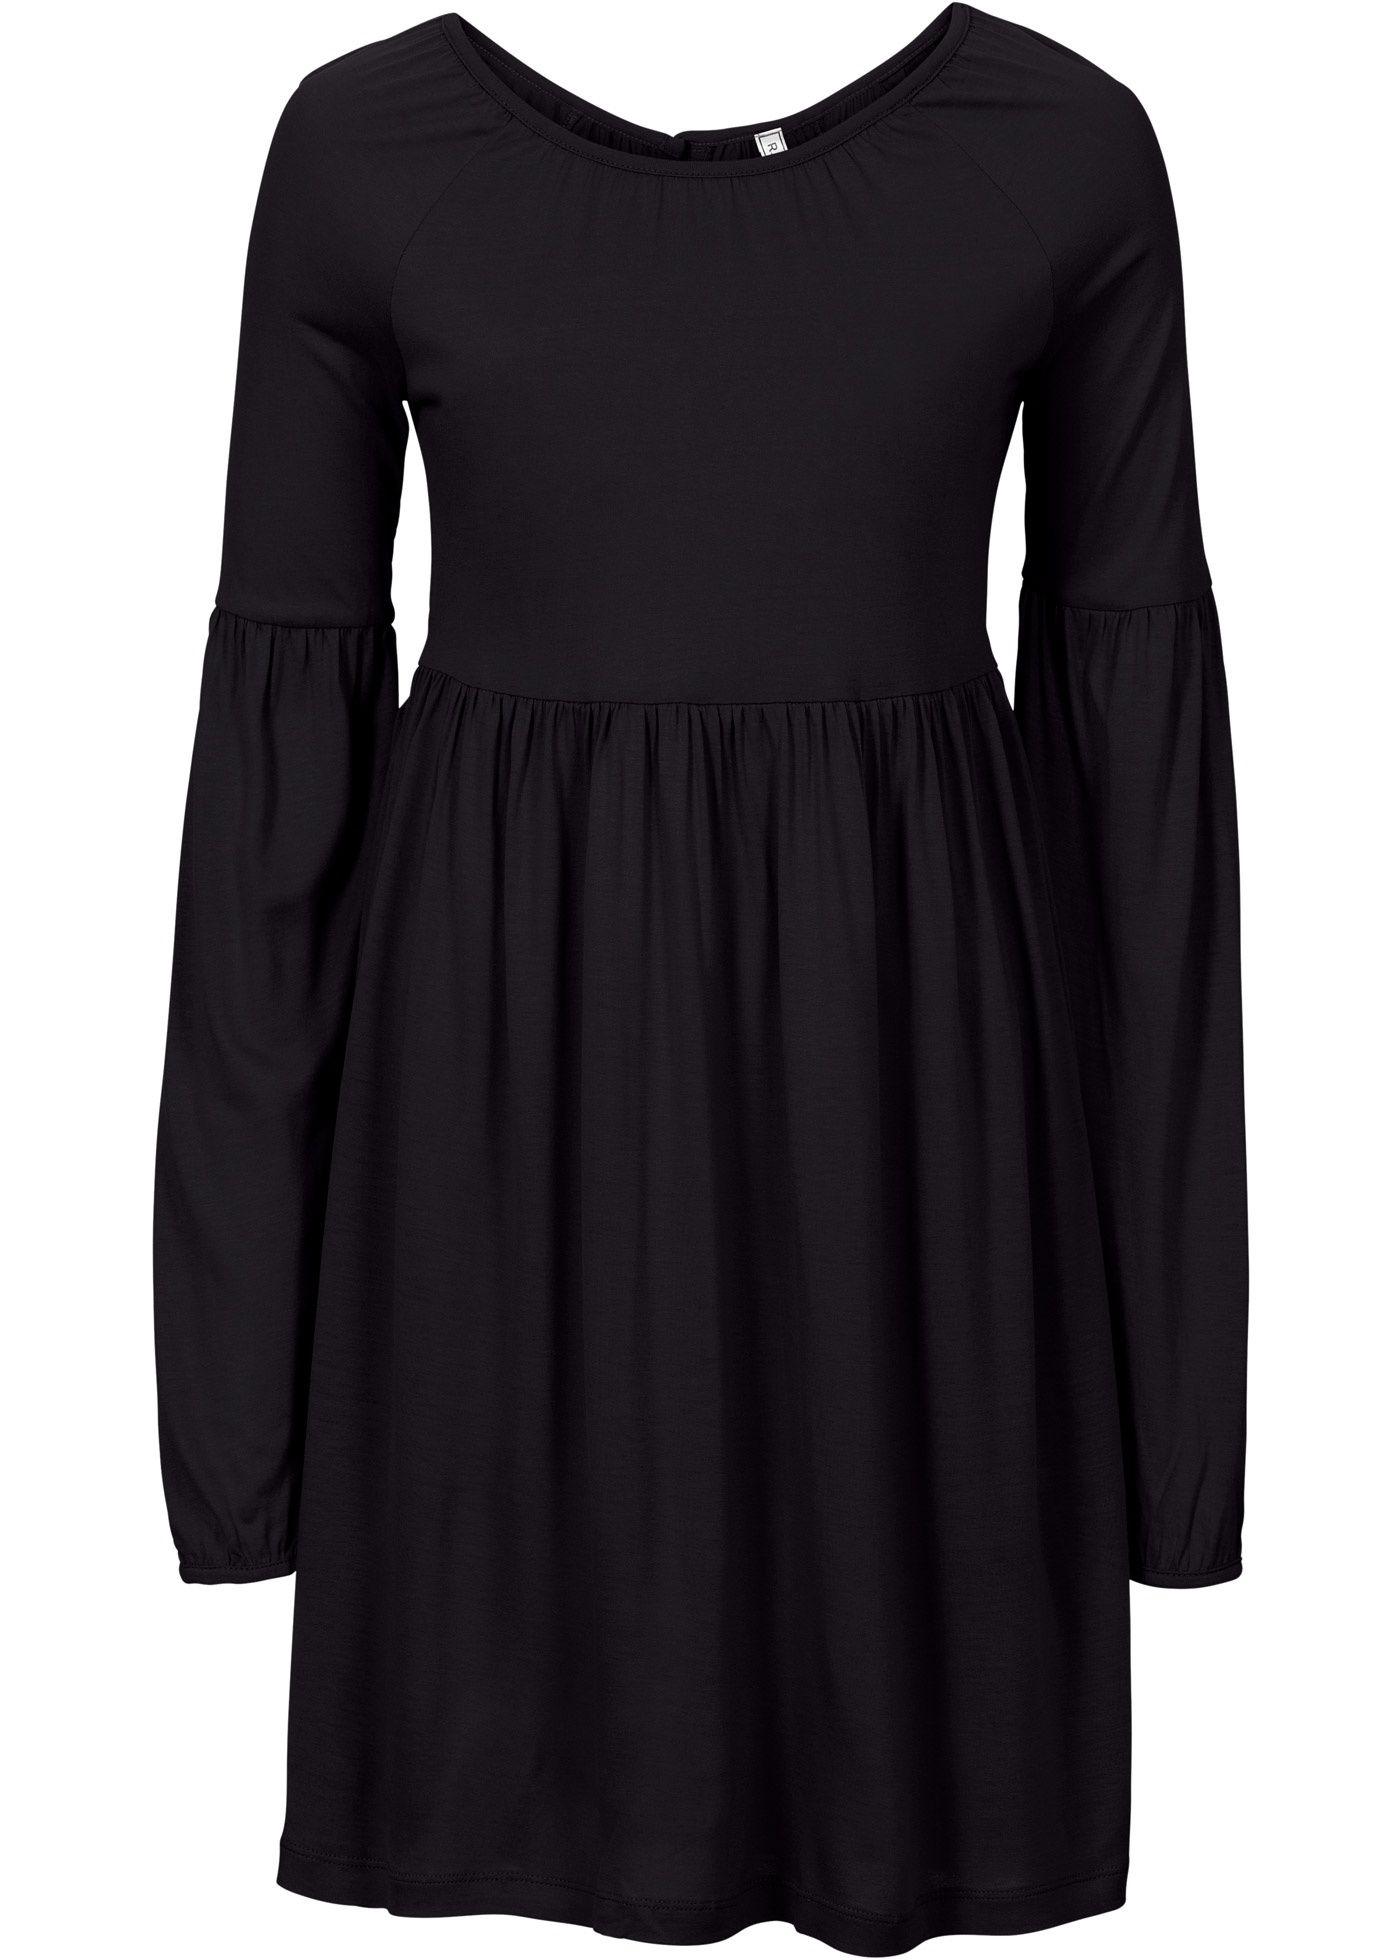 Commandez maintenant Robe noir - RAINBOW à partir de 11,99   sur bonprix.fr.  Robe tendance avec superbes fronces, petit bouton dans le haut du dos, long. 04920ef54532